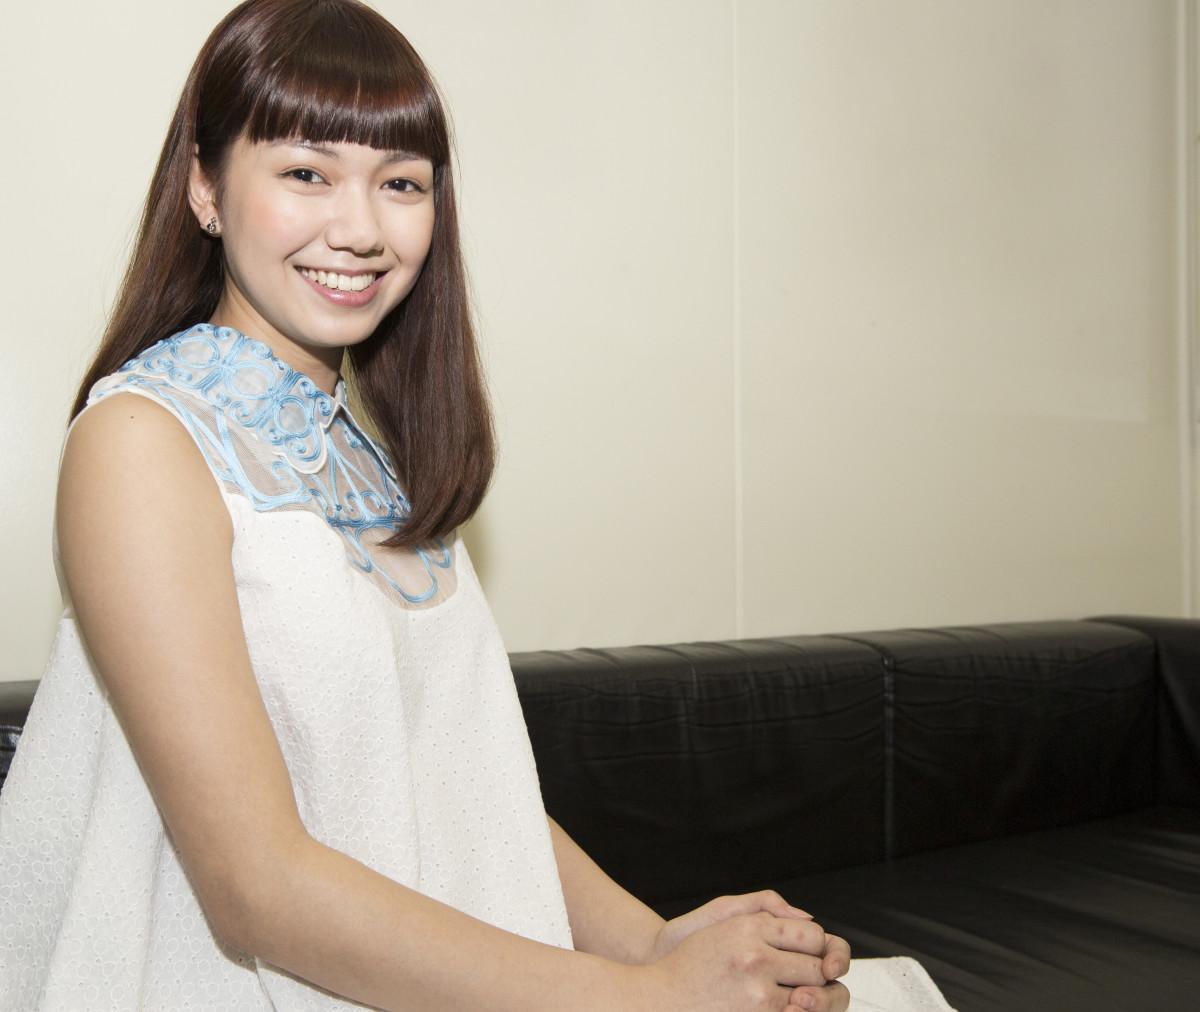 Fumi Nikaido, Award-Winning Movie Actress from Okinawa, Japan